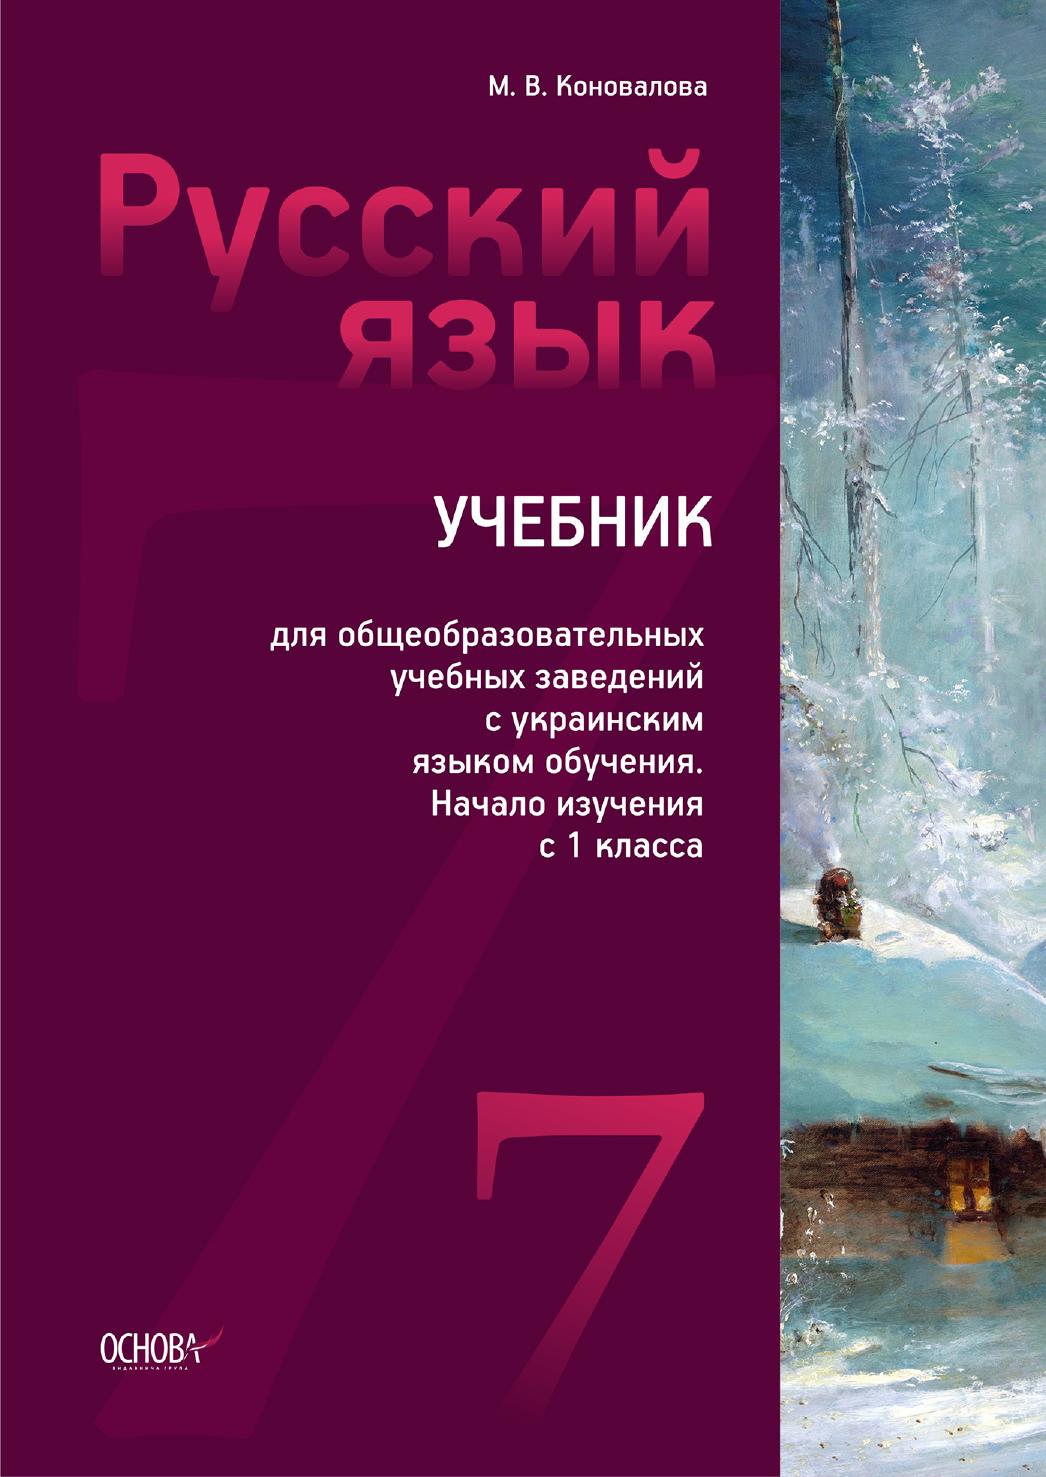 Гдз по русский язык 7 класс коновалова 2019